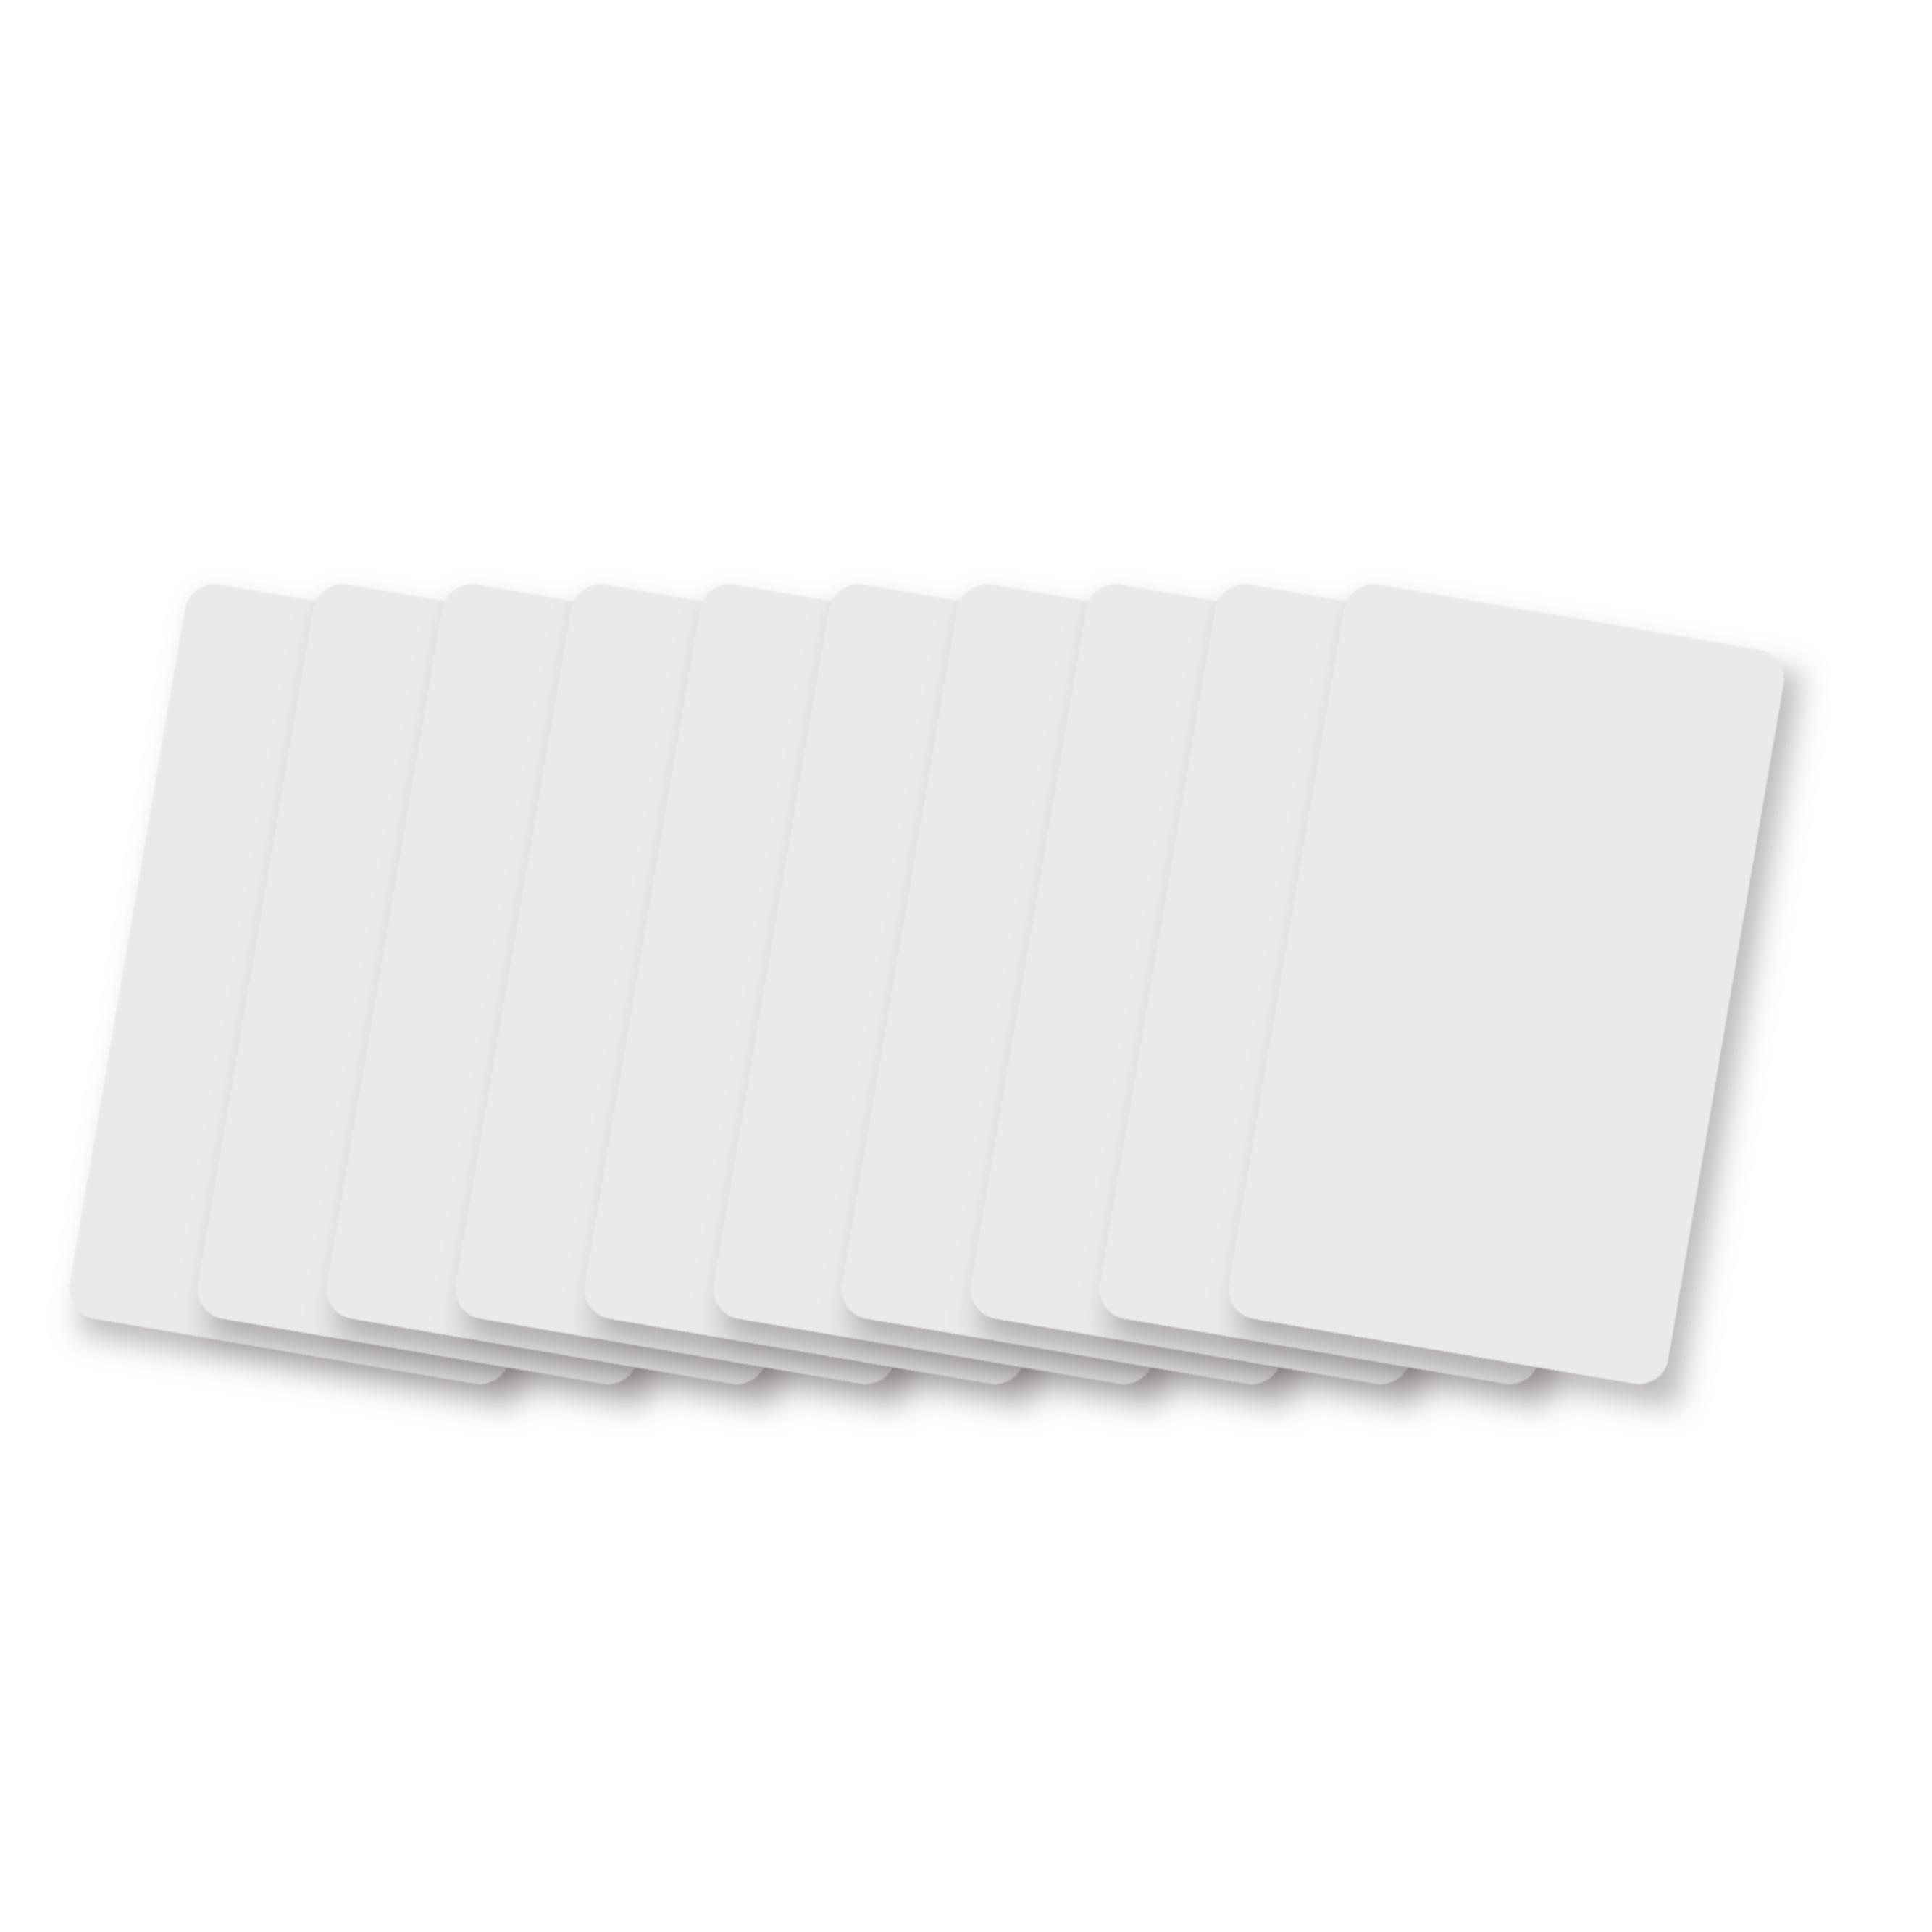 【追加用】tantore高性能マスク 交換用フィルター 10枚入り